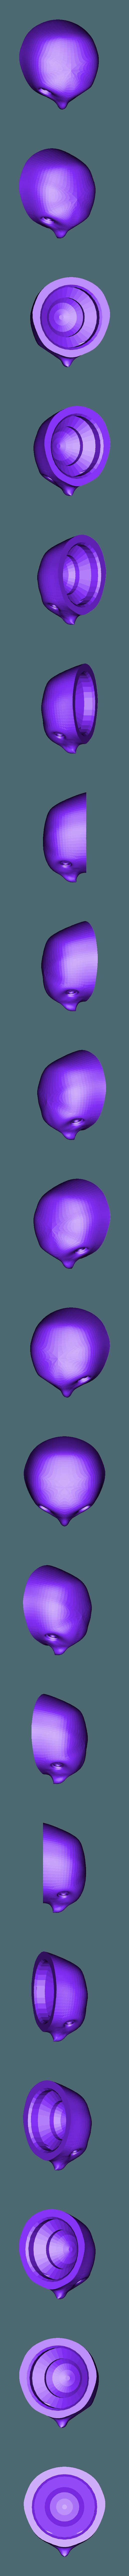 owhead.stl Télécharger fichier STL gratuit tête de hibou tournant • Design pour imprimante 3D, mtstksk